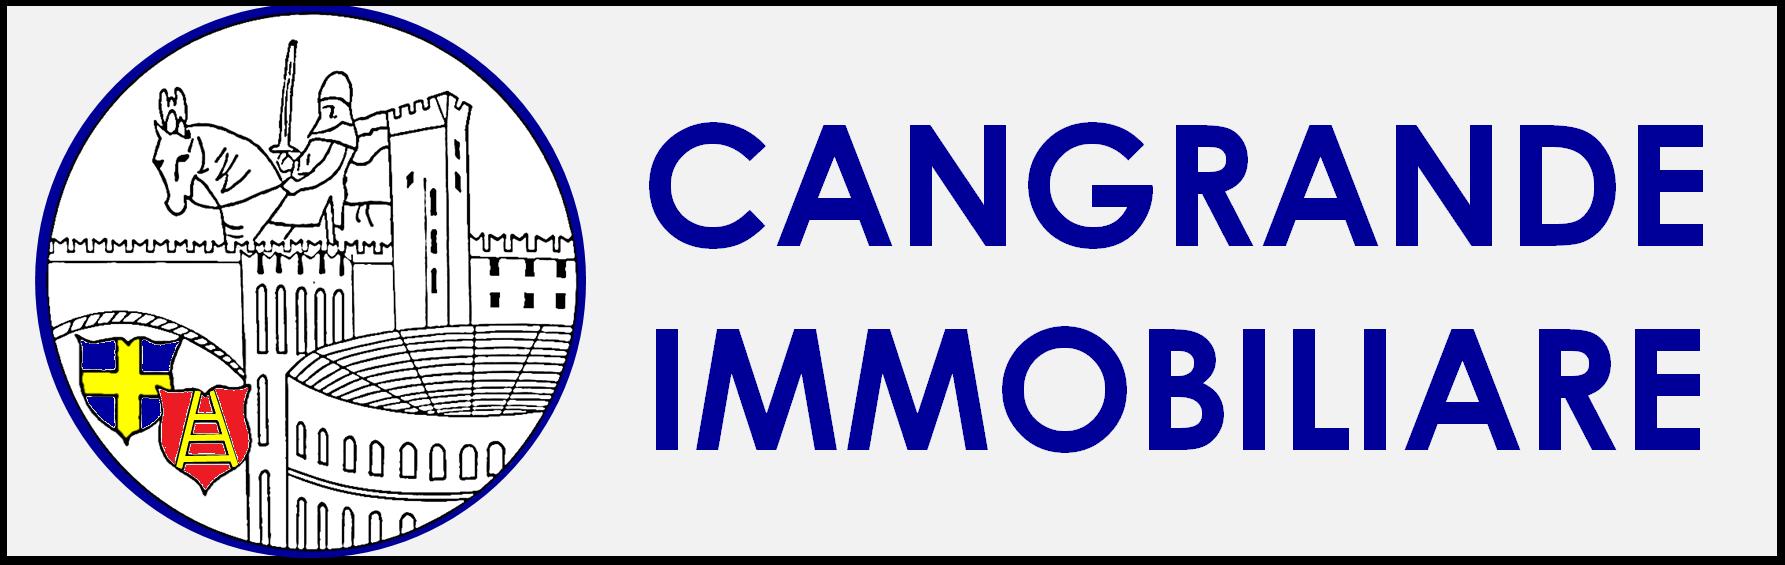 CANGRANDE IMMOBILIARE di Francesco Geom. SAVINO